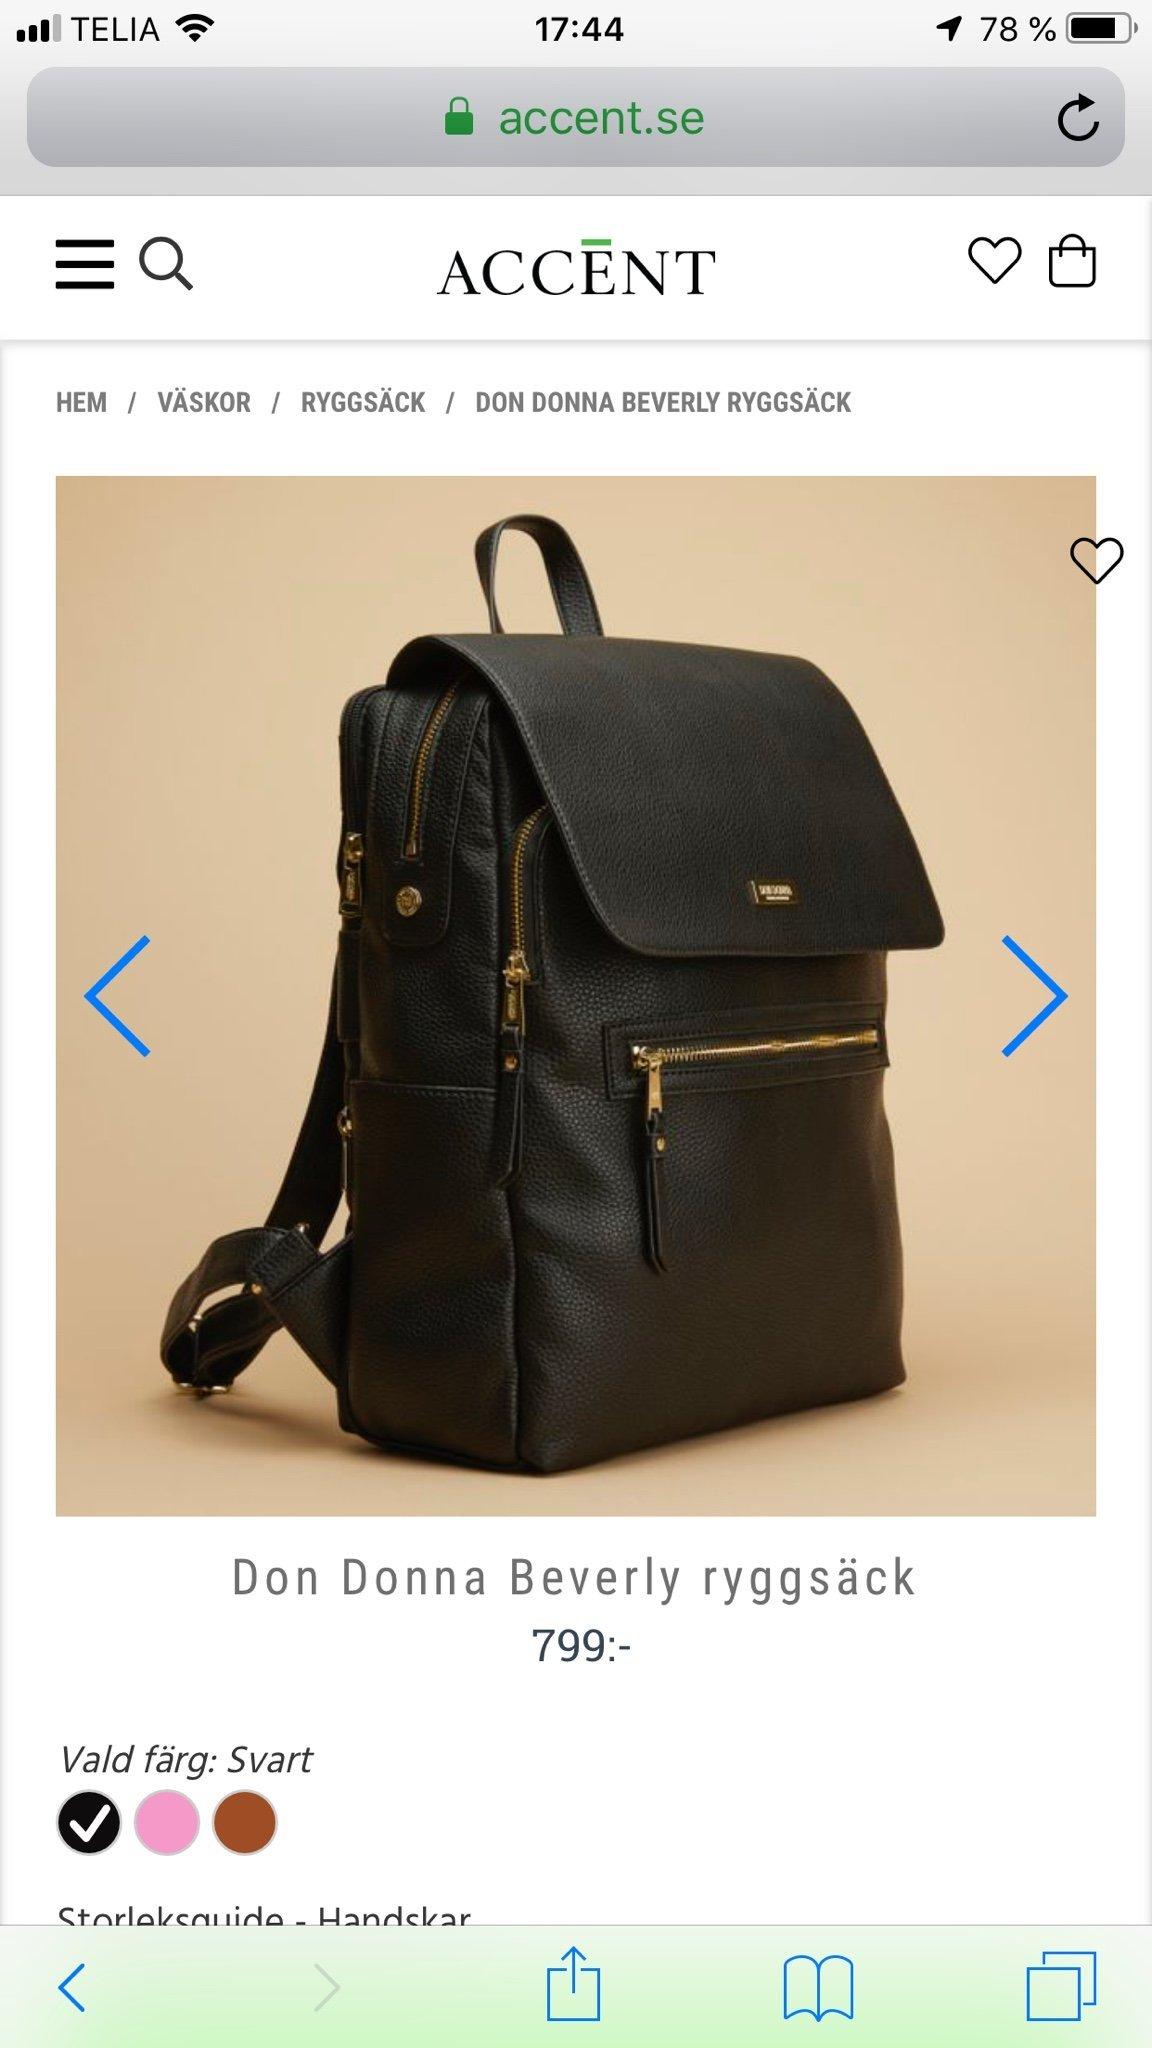 Don Donna Beverly ryggsäck, Mörkblå